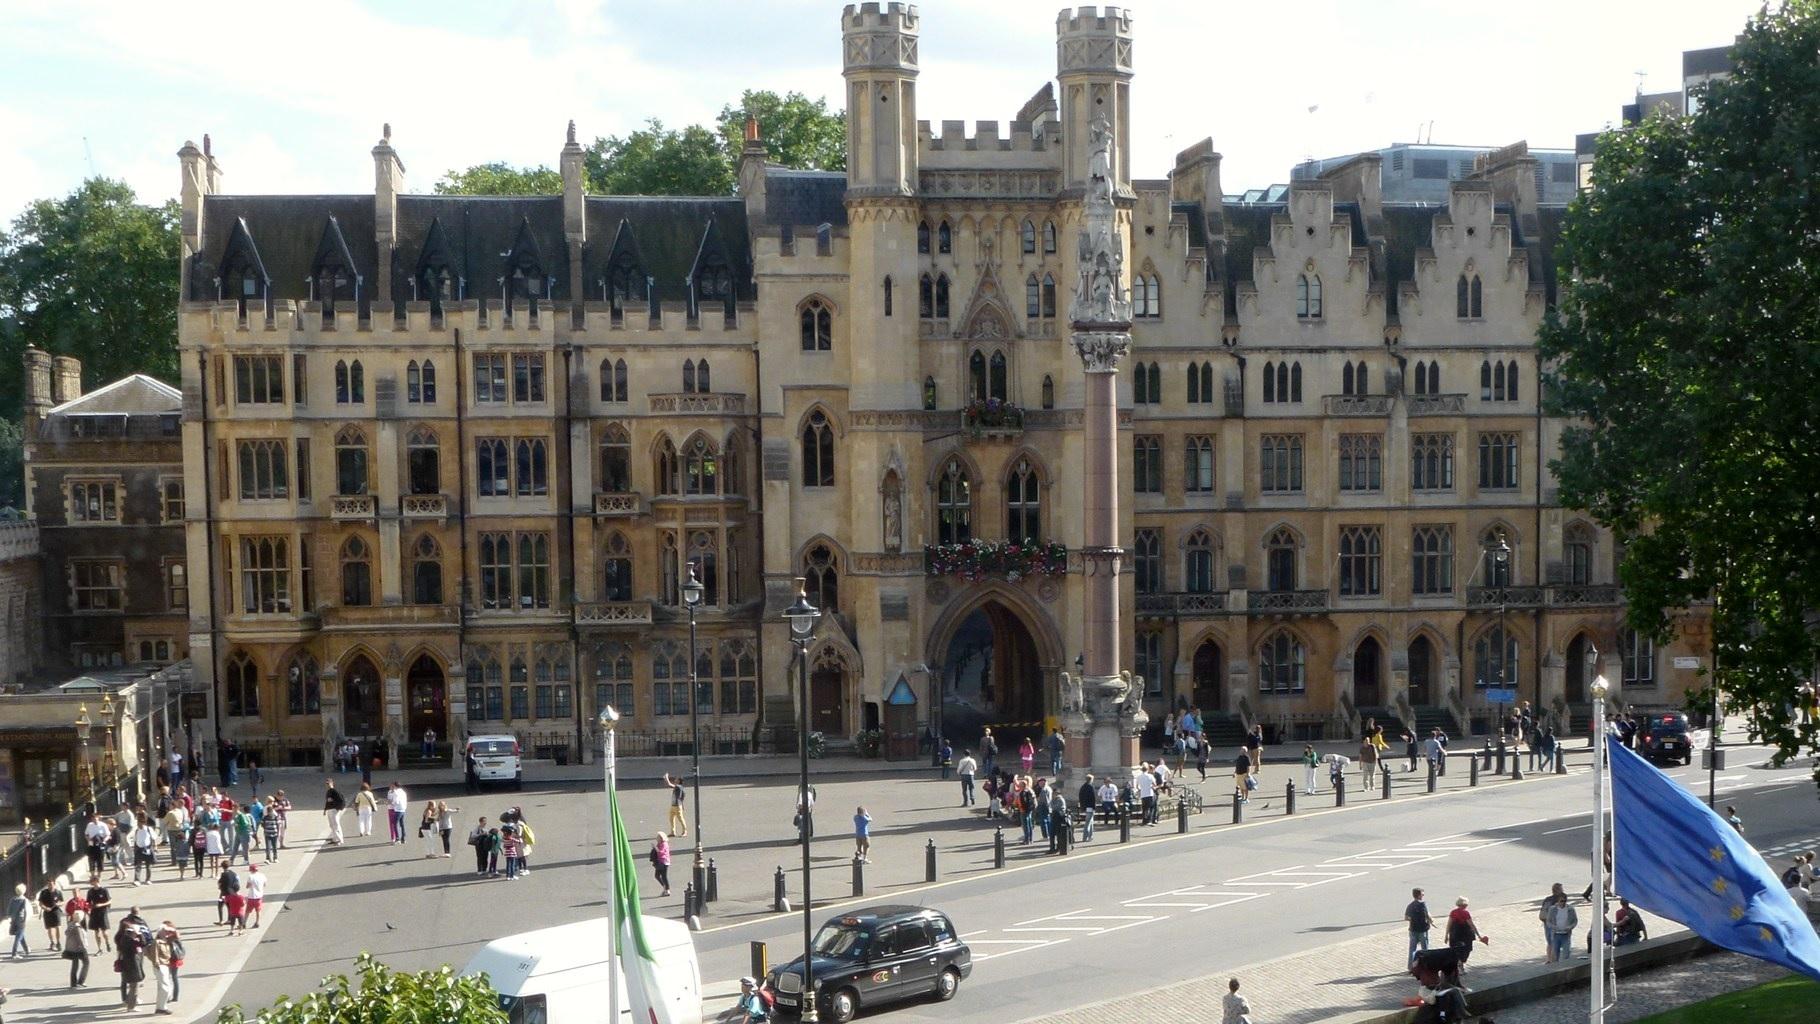 Westminster School